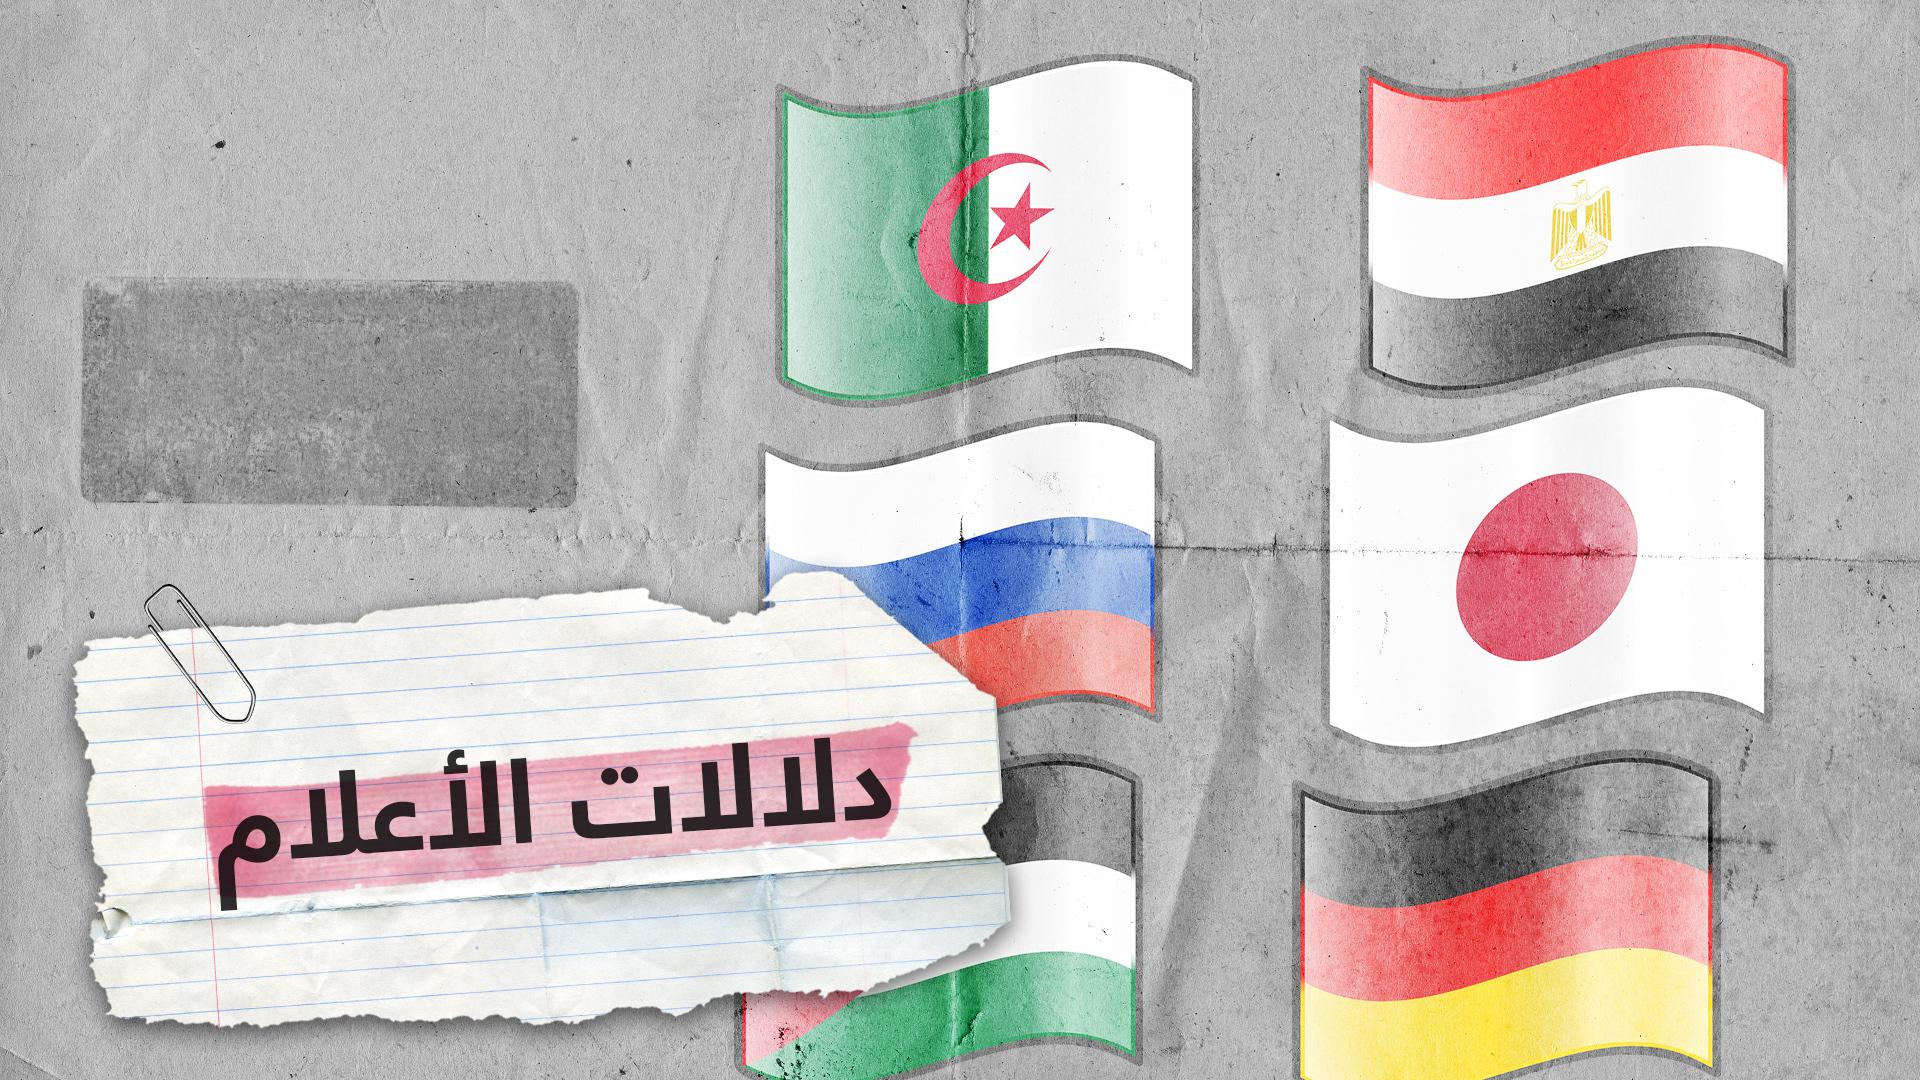 دلالات خفية وراء أعلام بعض الدول